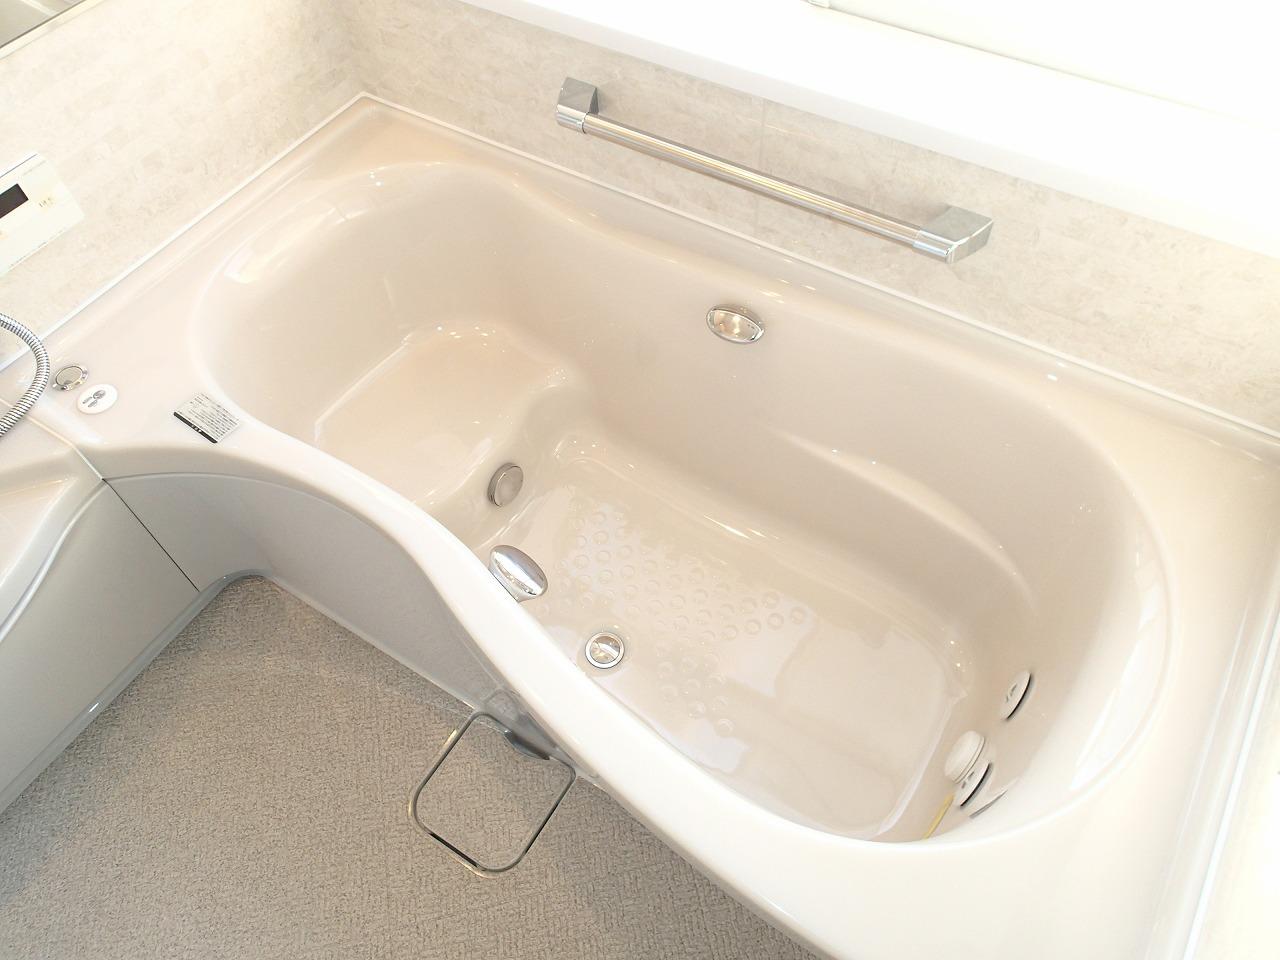 グレードアップした人工大理石の深みのある質感、うるおい浴+(マイクロバブル+ジェットバス)でリフレッシュ。エルゴデザイン浴槽でゆったり入浴できます